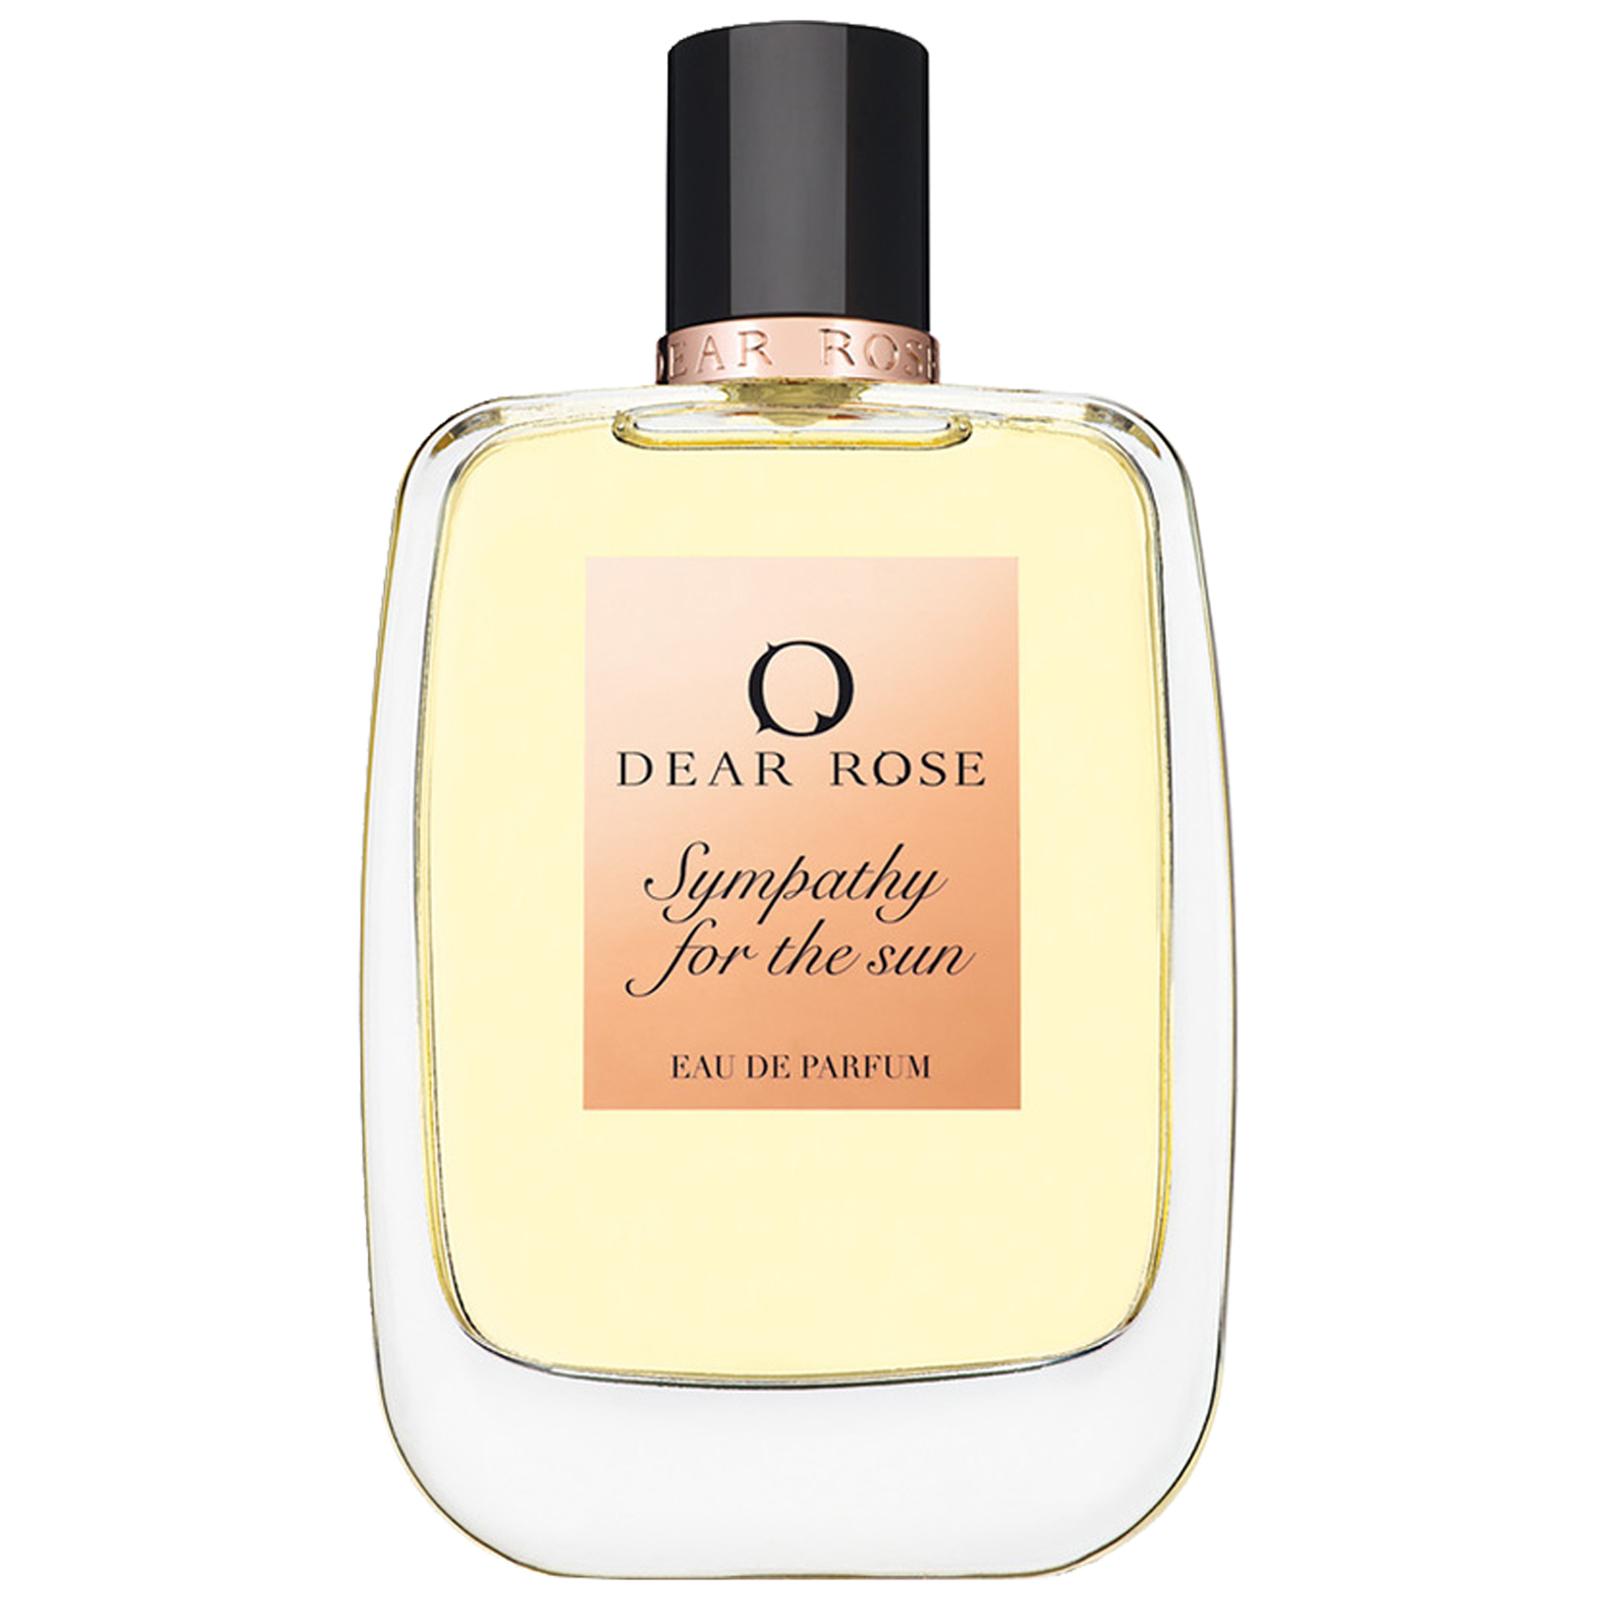 Sympathy for the sun profumo eau de parfum 100 ml